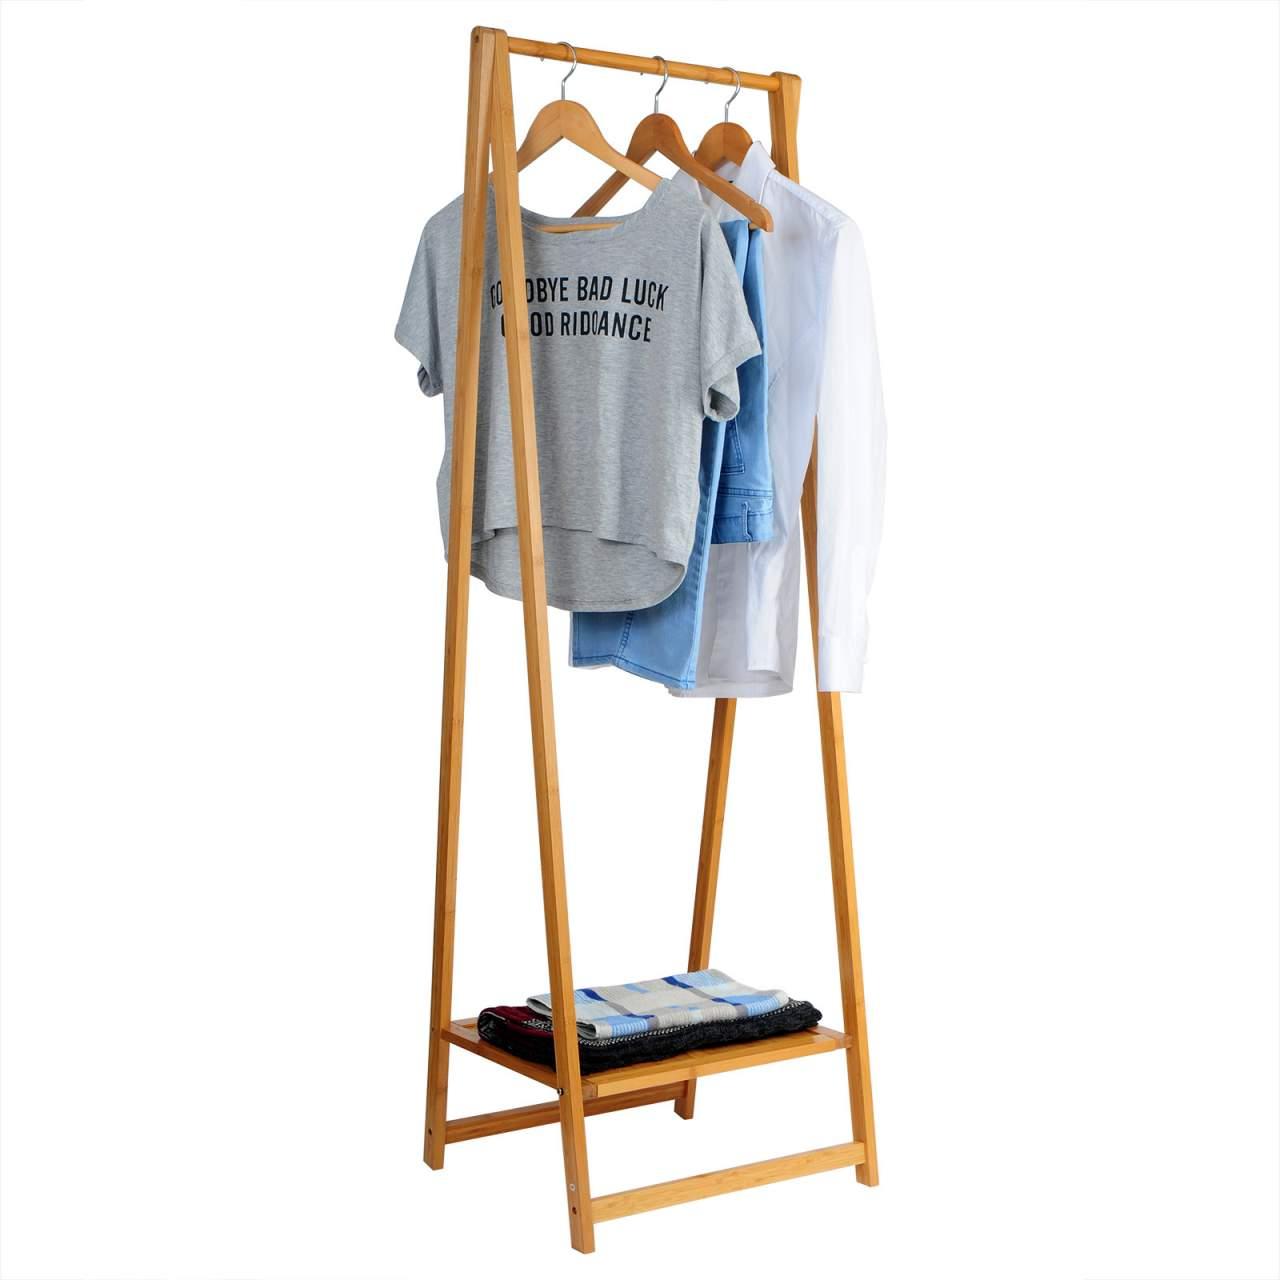 Kleiderstange Günstige Pinterest Kleiderwand 2019 12 08